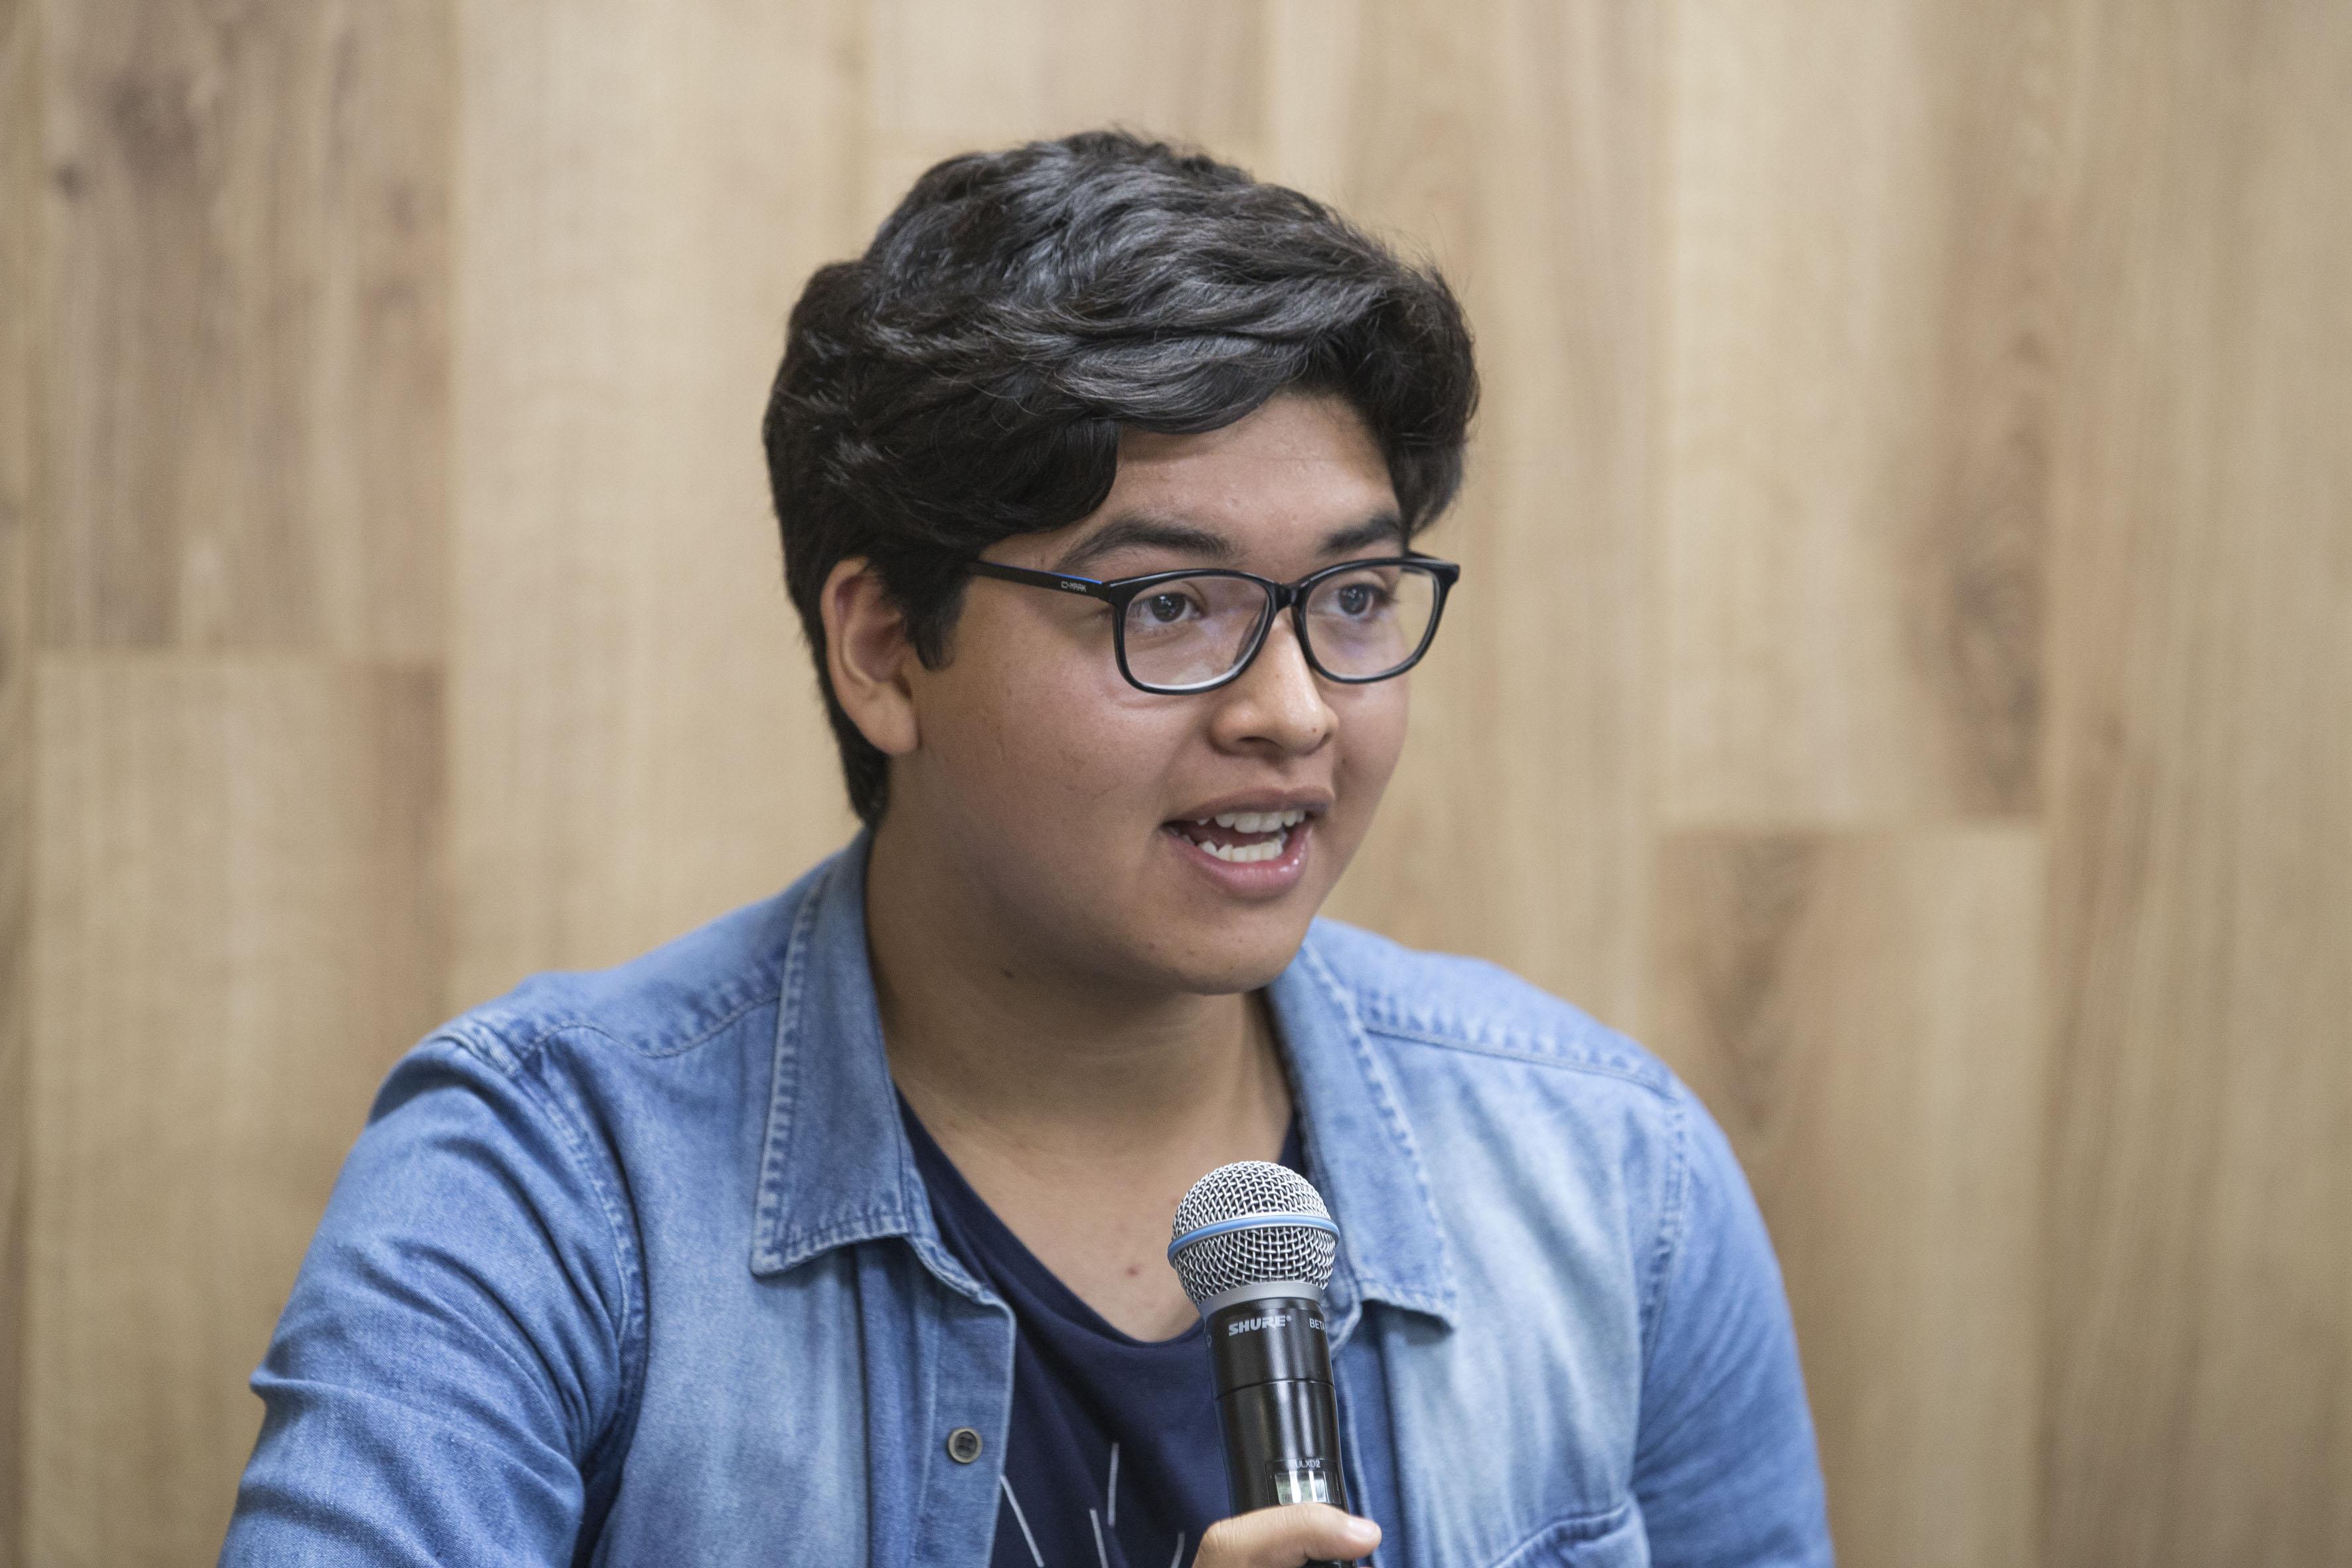 Luis Eduardo Barón Juárez, alumno de la Preparatoria 19, obtuvo el primer lugar de entre 16 mil 899 cartas dirigidas a la escritora Antonia Michaelis, autora del libro El cuentacuentos, haciendo uso de la palabra